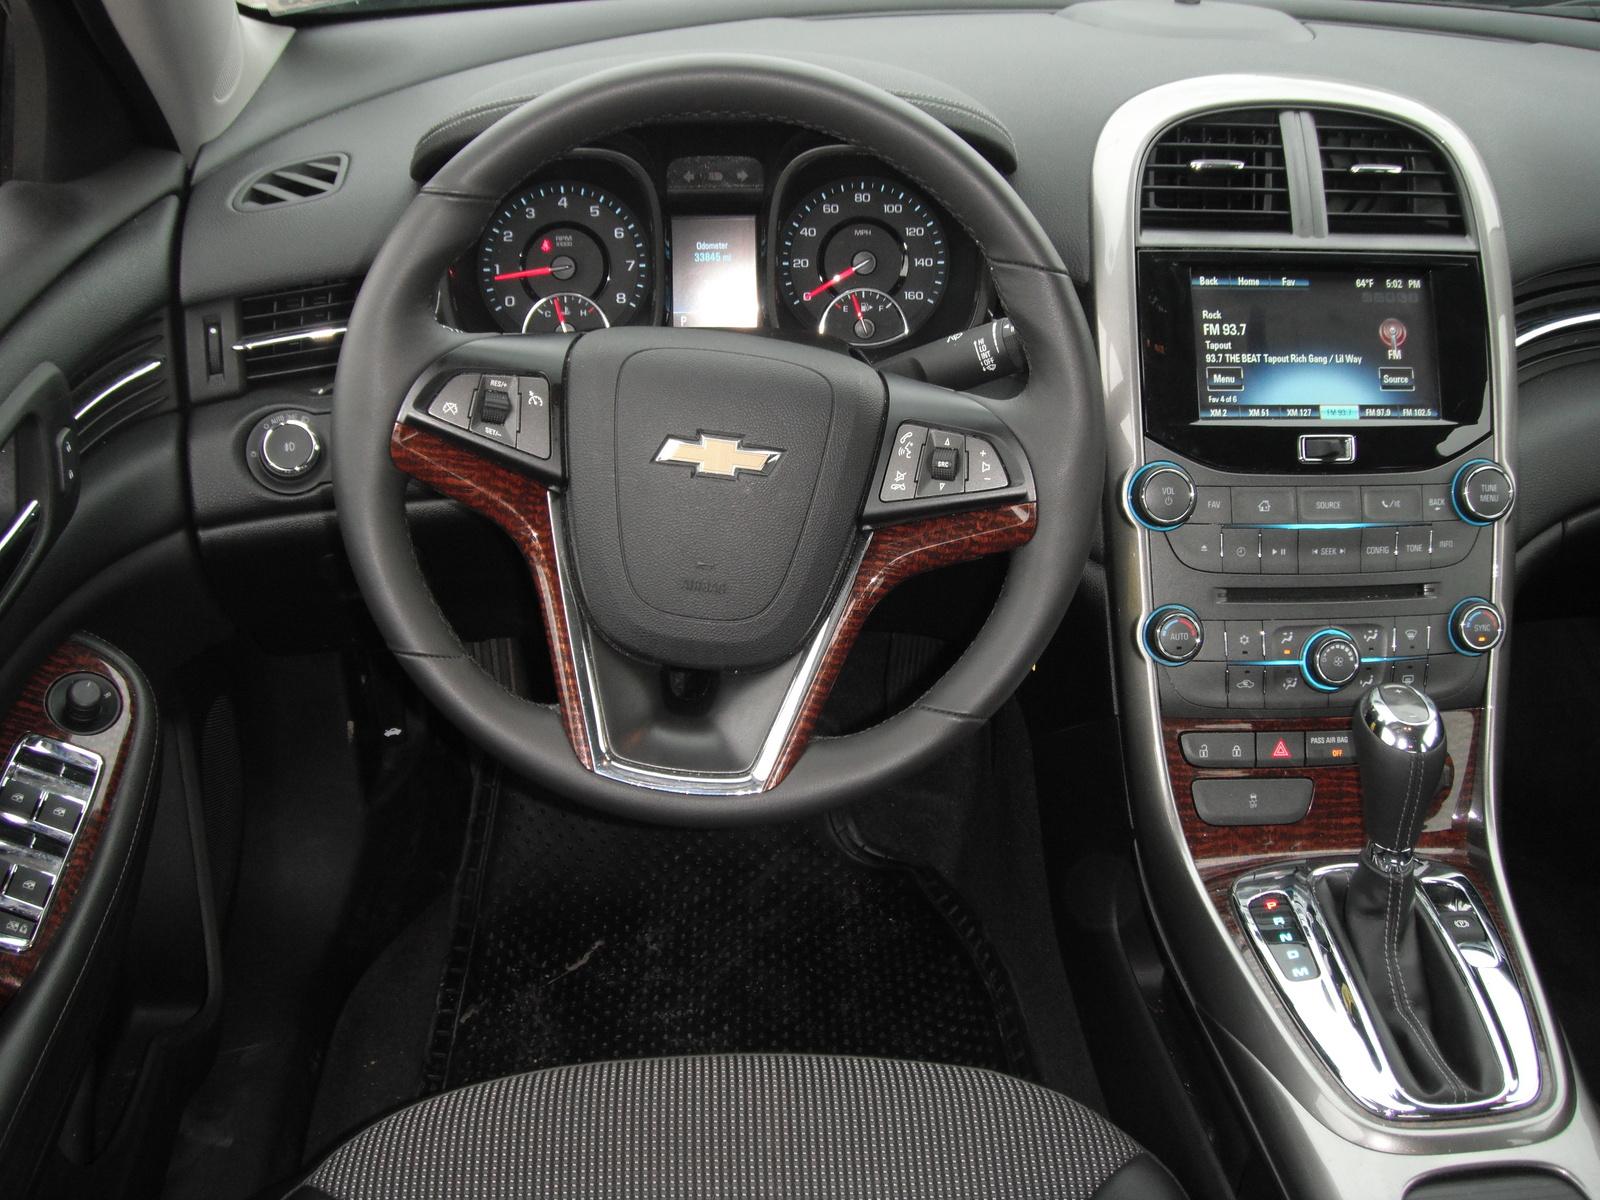 2013 Chevrolet Malibu Pictures Cargurus